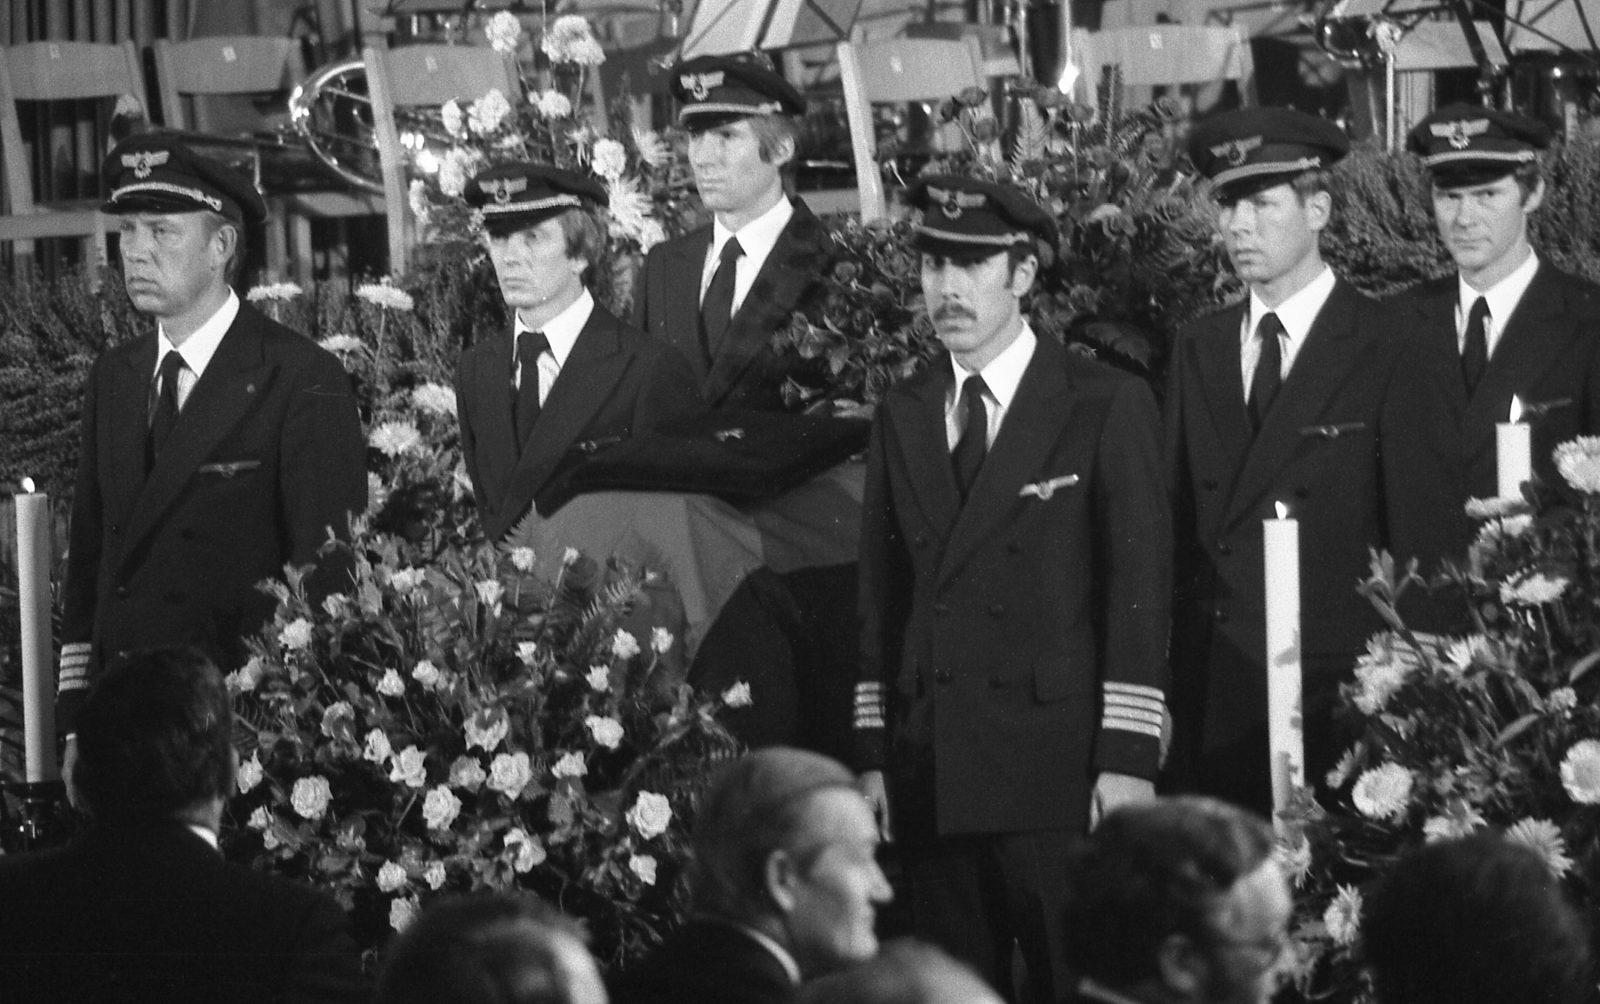 Lufthansapiloten tragen den Sarg ihres von palästinensischen Terroristen ermordeten Kollegen Jürgen Schumann (Archivbild) Foto: picture alliance / AP | Dieter Endlicher